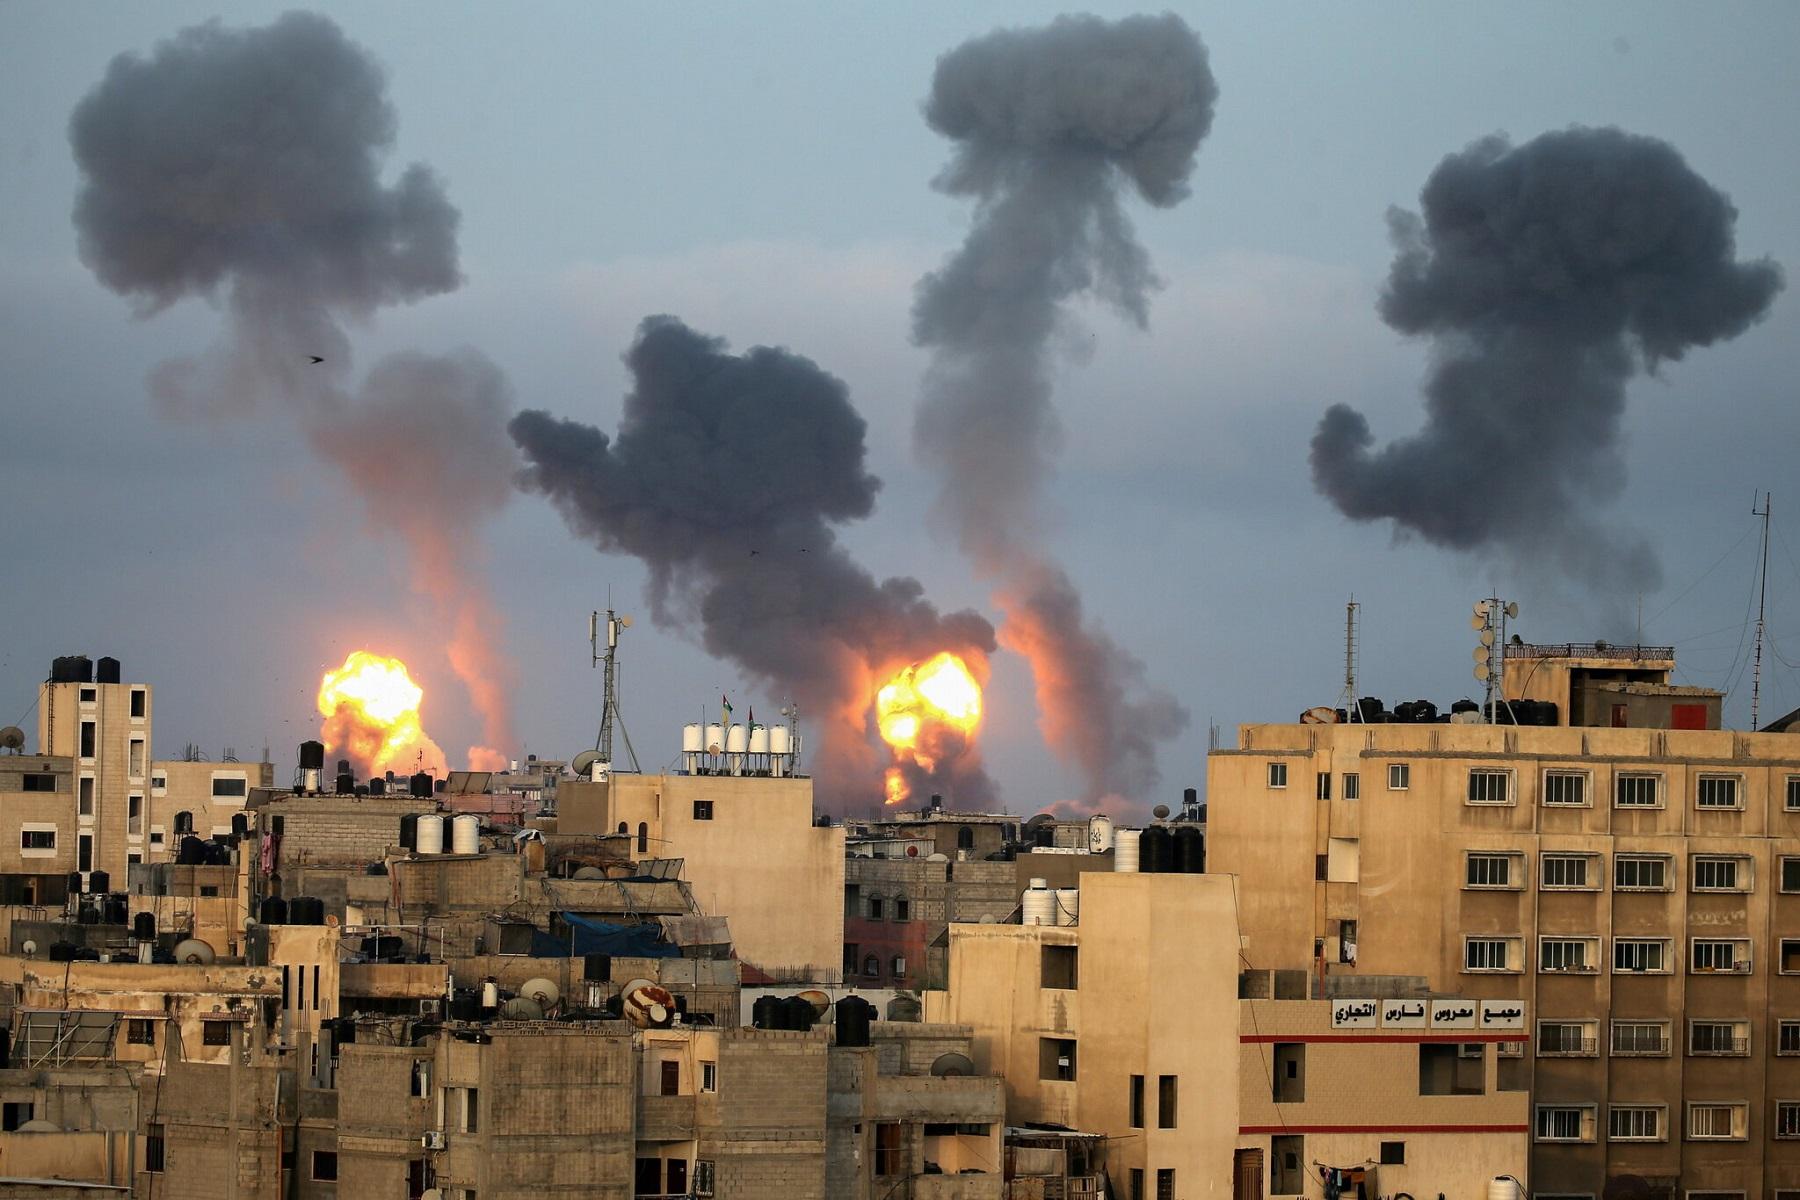 Ισραηλινή Επιδρομή: Οι ρουκέτες της Χαμάς στοχεύουν στο Τελ Αβίβ λόγω του χτυπήματος του πύργου της Γάζας